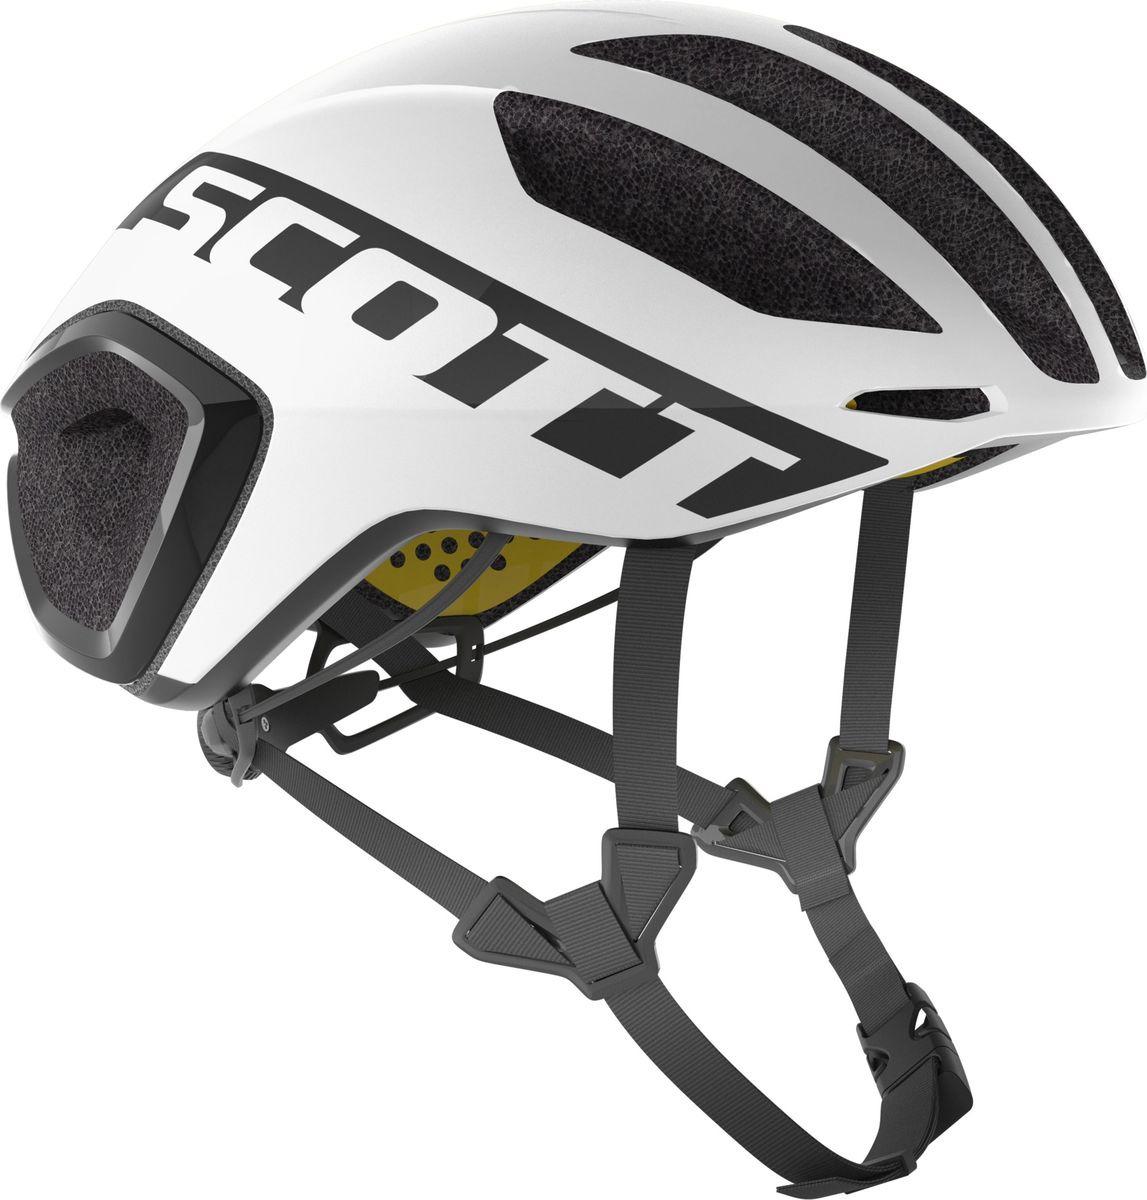 Шлем защитный Scott Cadence Plus, 250026-1035, черный, размер M (55/59) scott moeller intelligent m